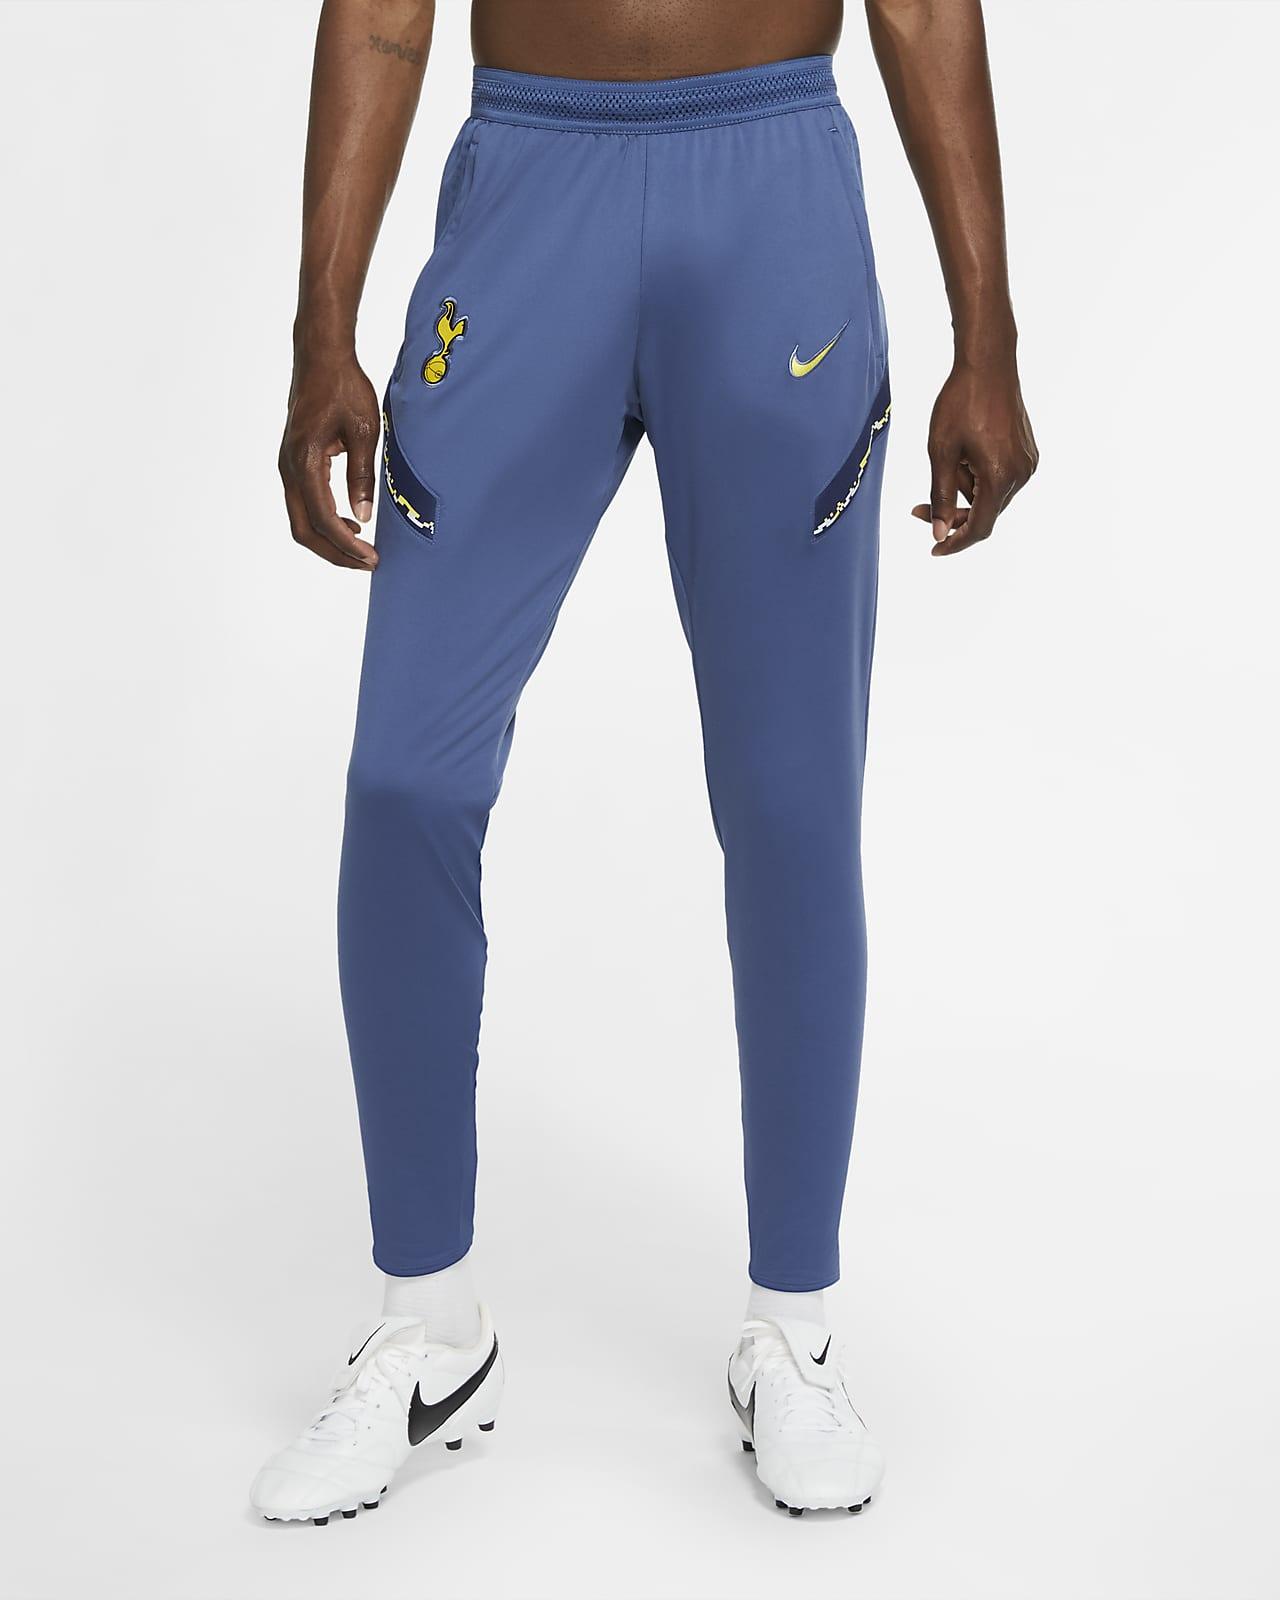 Ανδρικό πλεκτό ποδοσφαιρικό παντελόνι Τότεναμ Strike